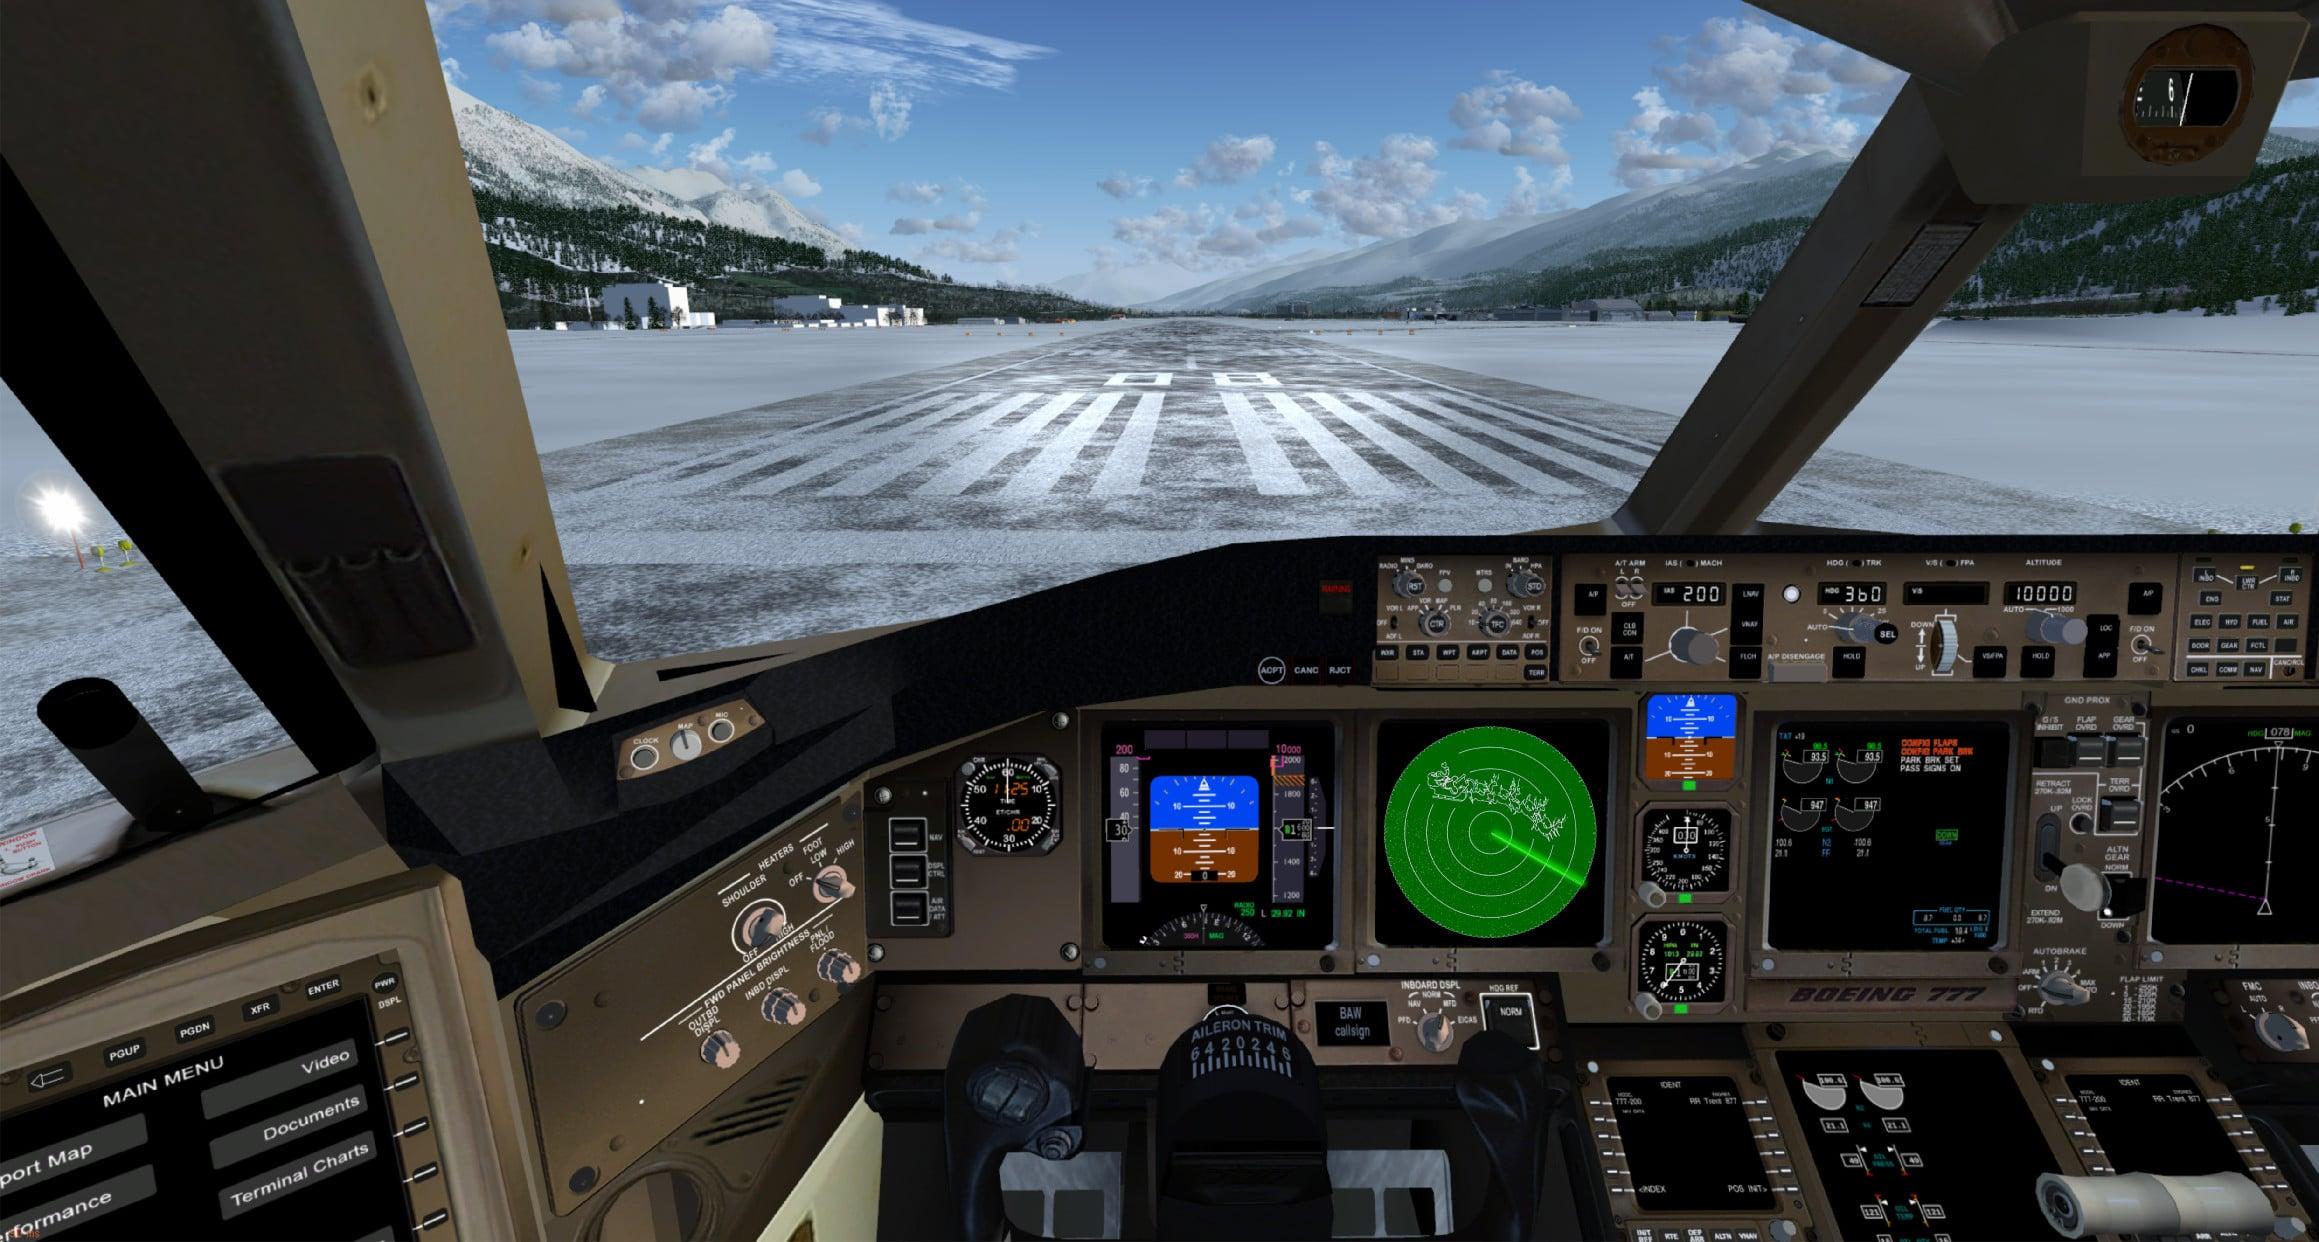 simulatore aereo combattimento